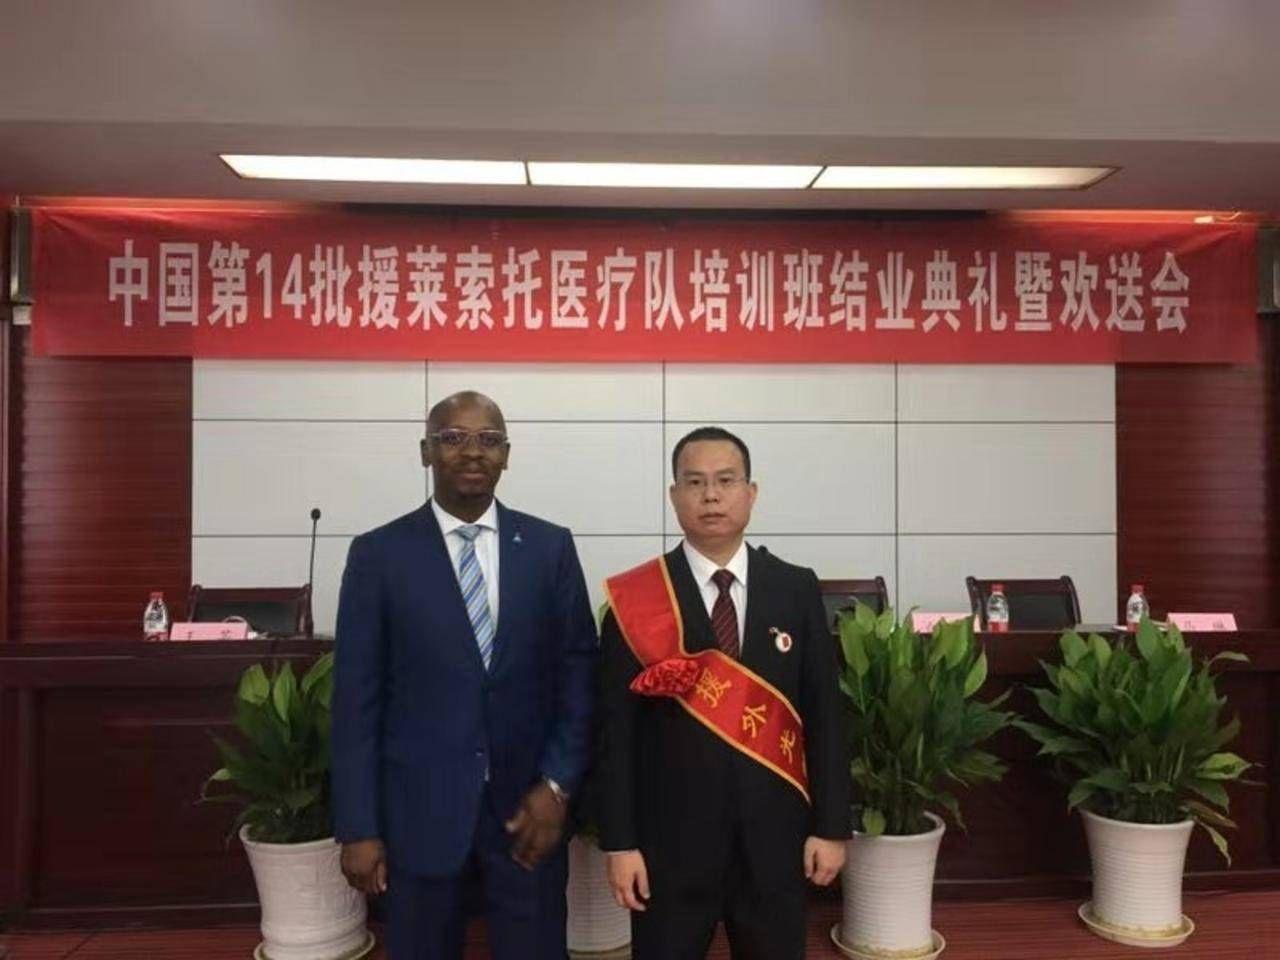 武汉骨科博士率中国第14批援莱索托医疗队开赴非洲